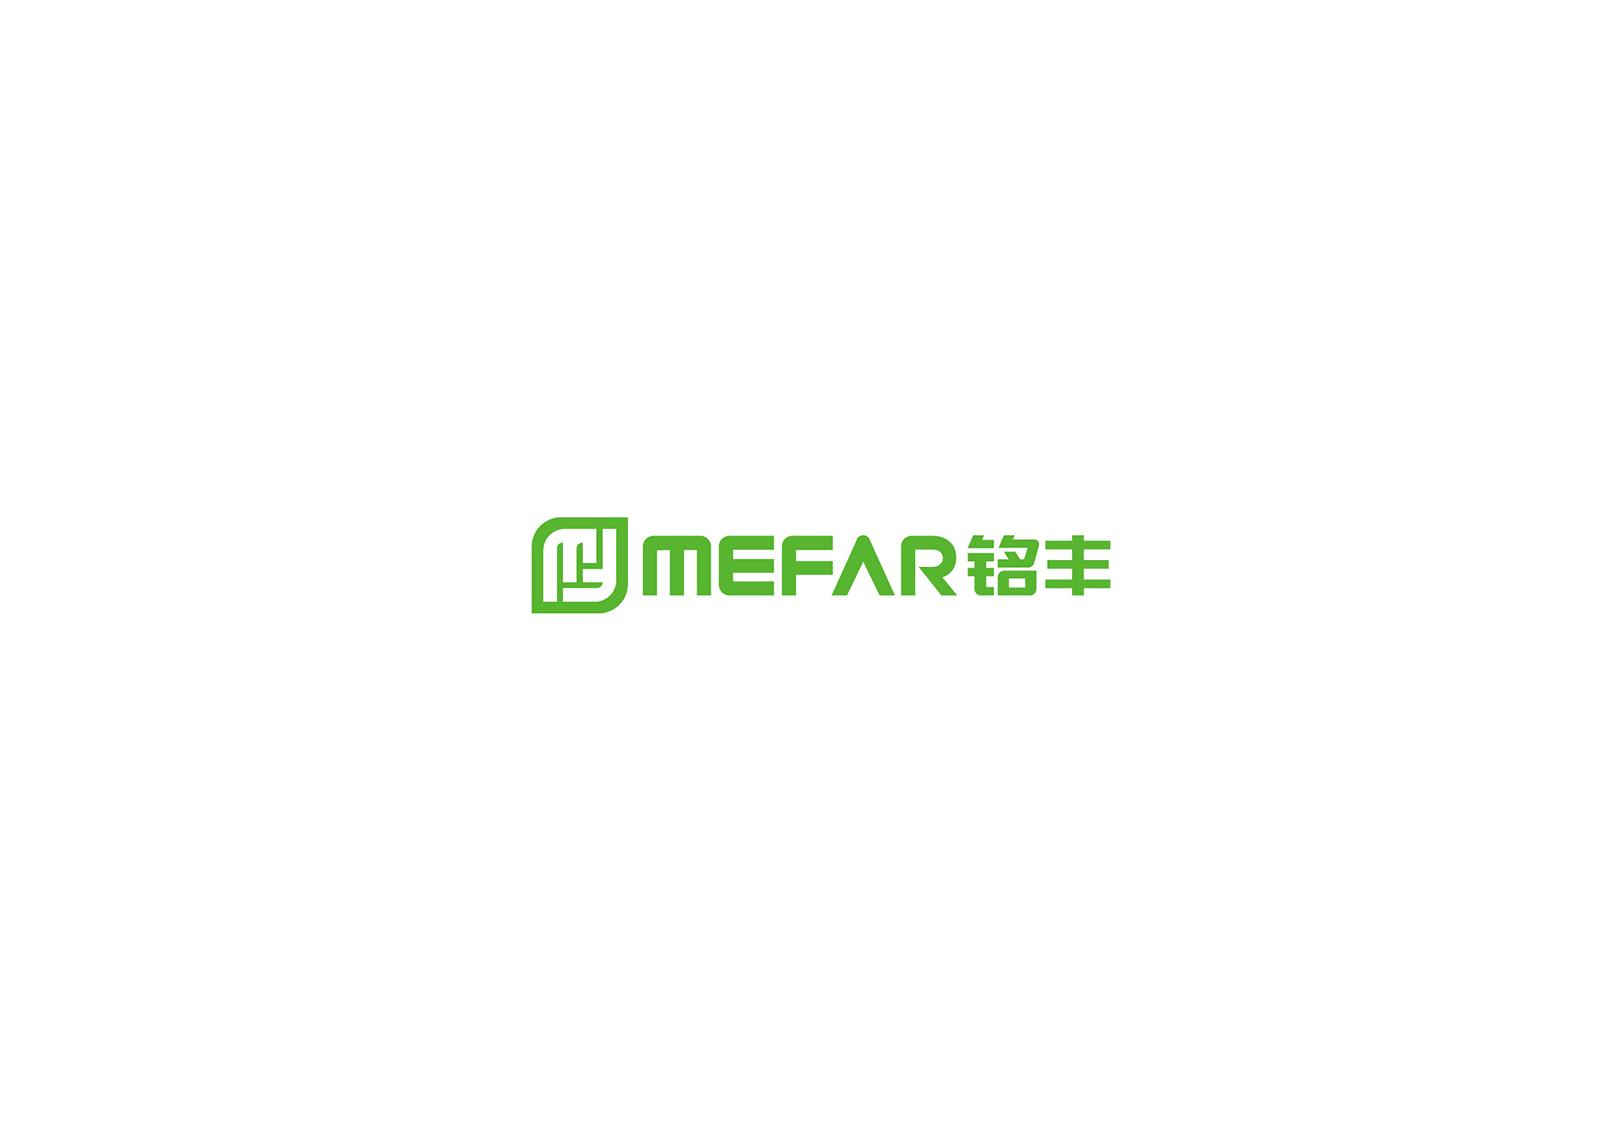 MEFAR铭丰包装品牌形象设计优化提升-深圳VI设计2